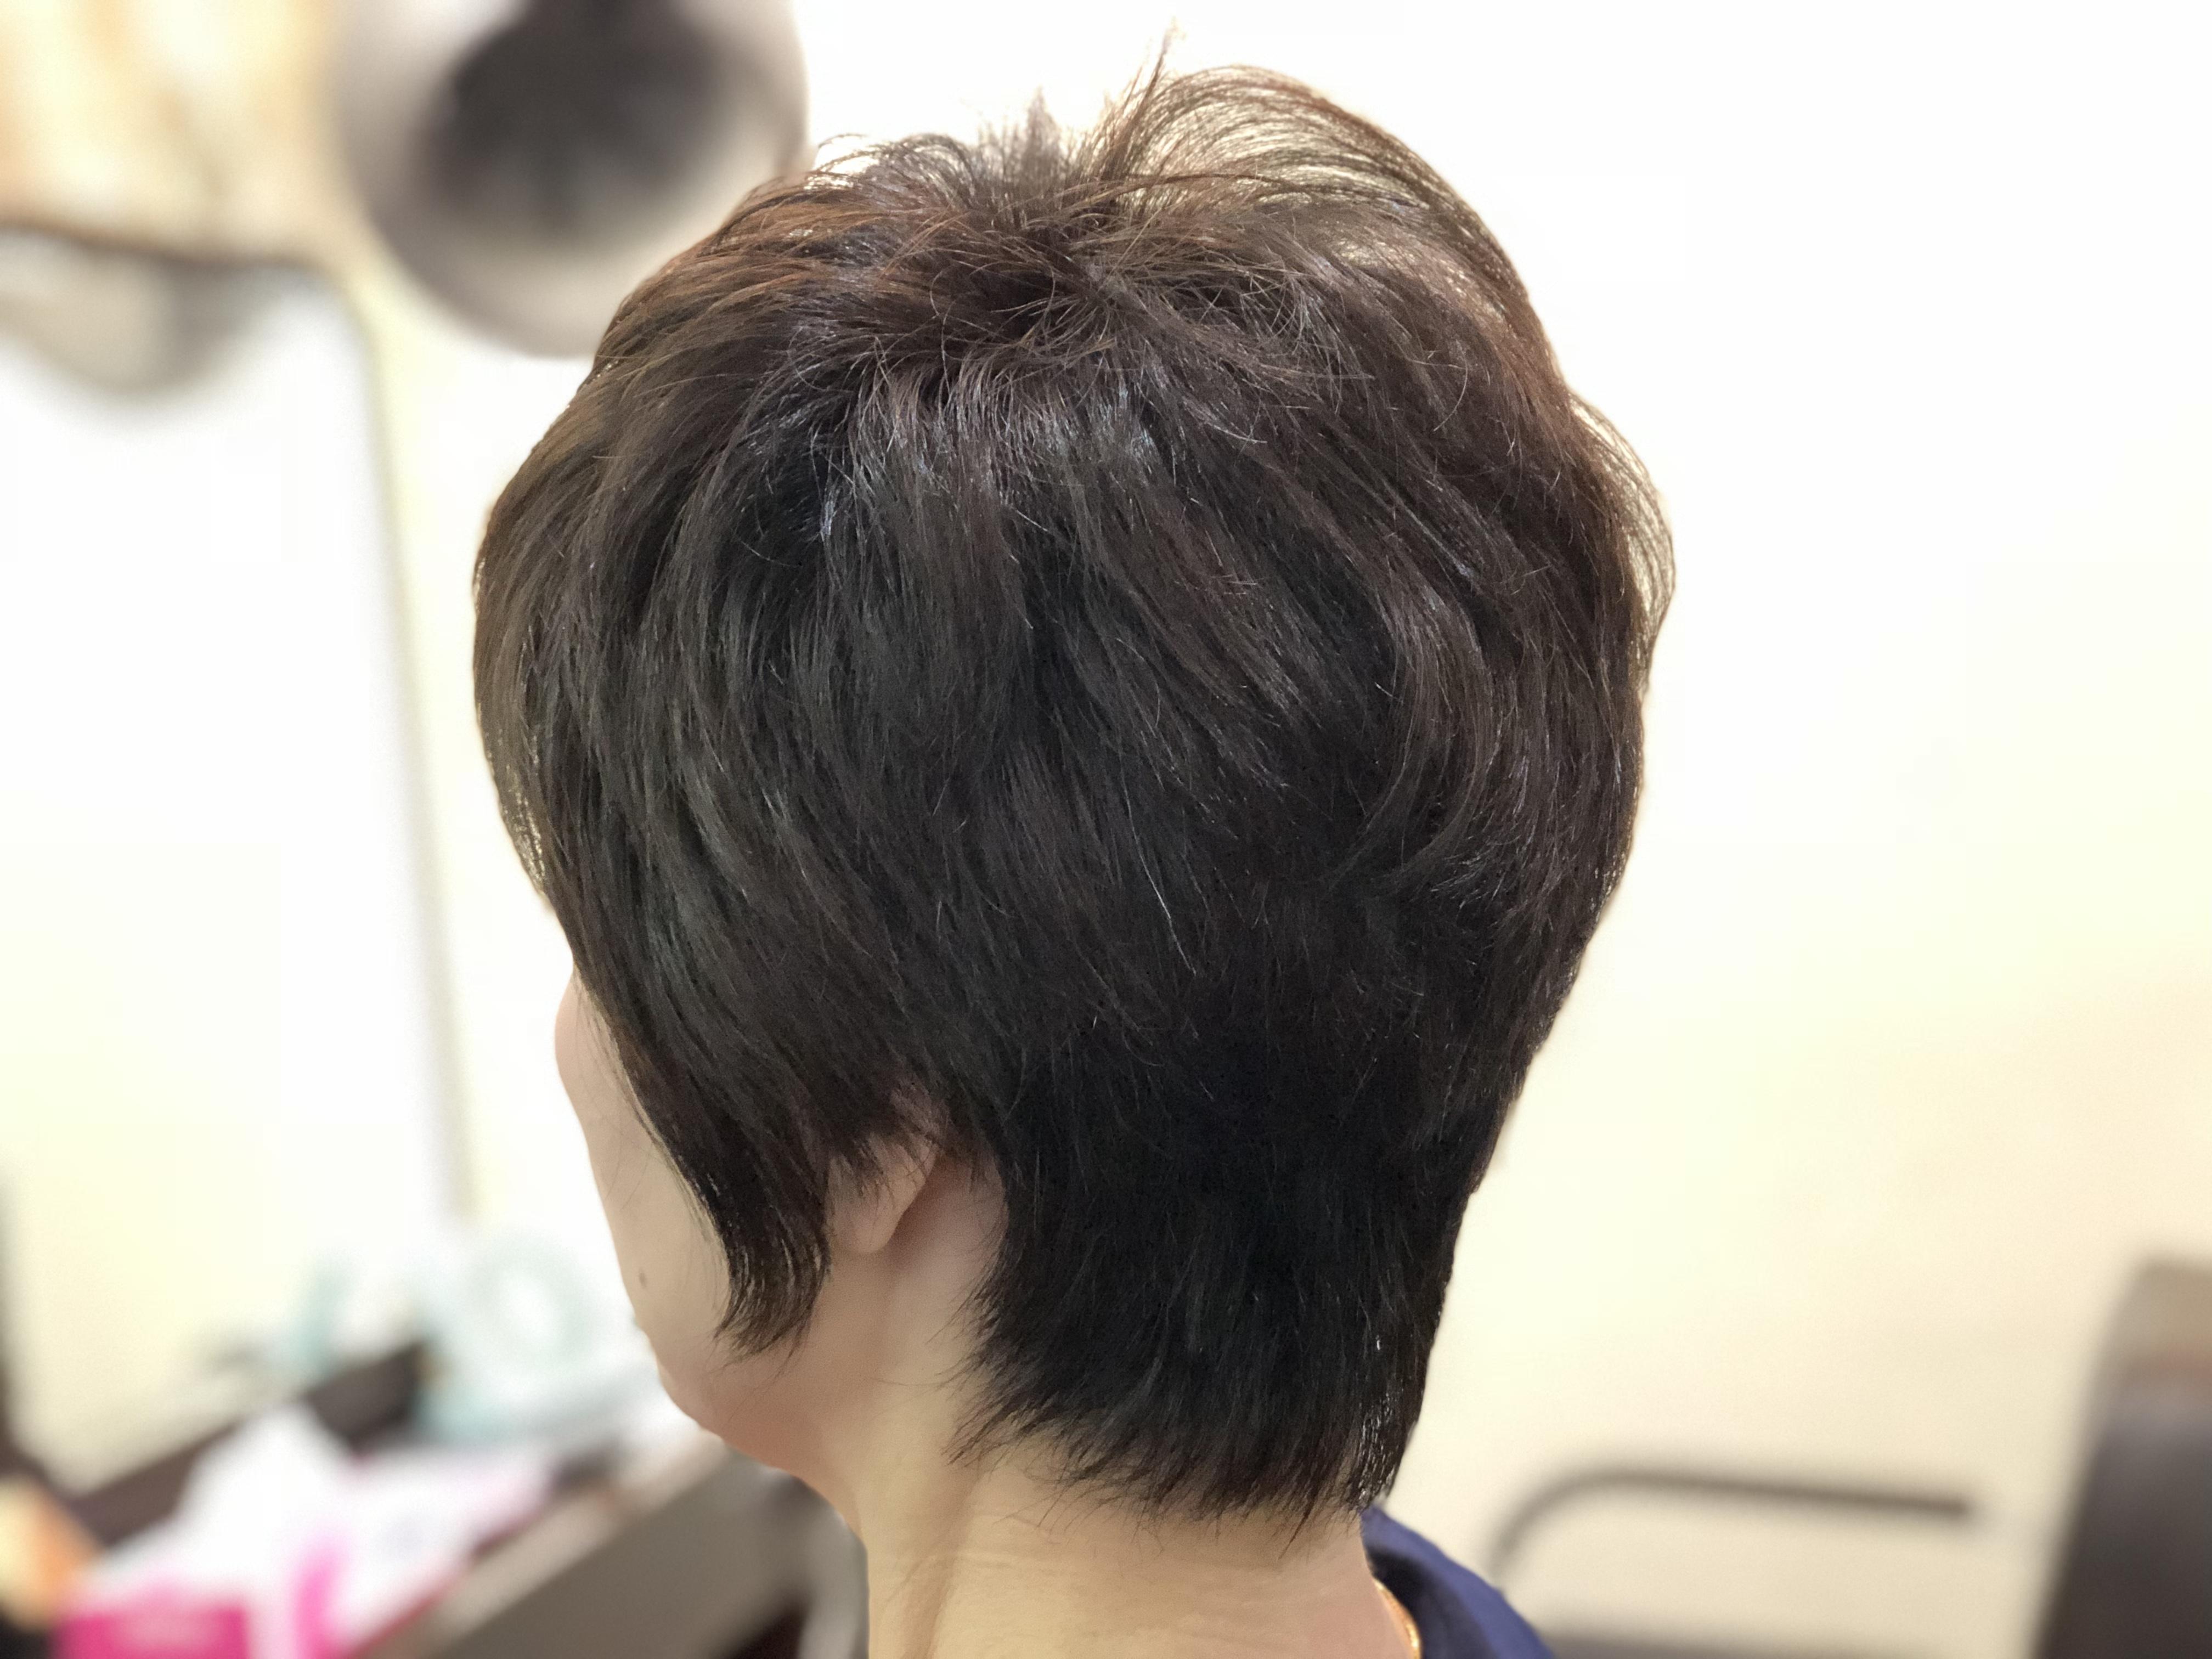 50代くせ毛、ブローのいらない特化したカットでキレイを維持!